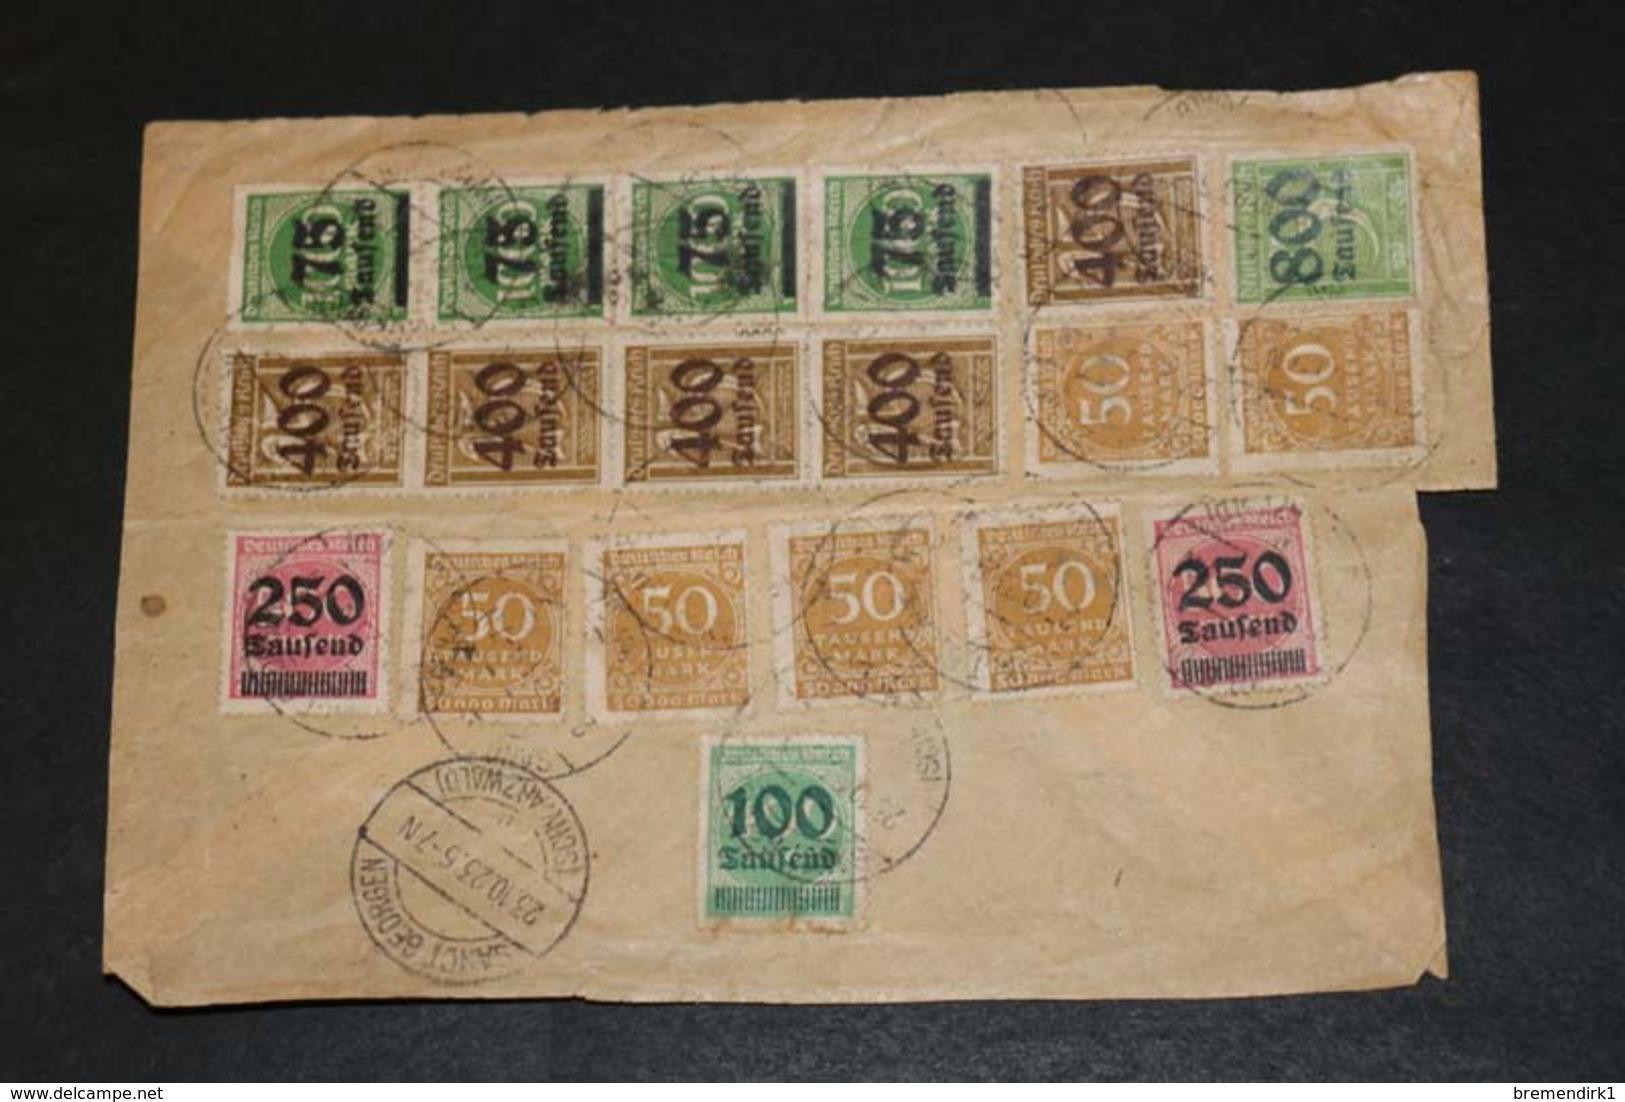 DEUTSCHES REICH Brief-Posten ....194 (F) - Lots & Kiloware (min. 1000 Stück)